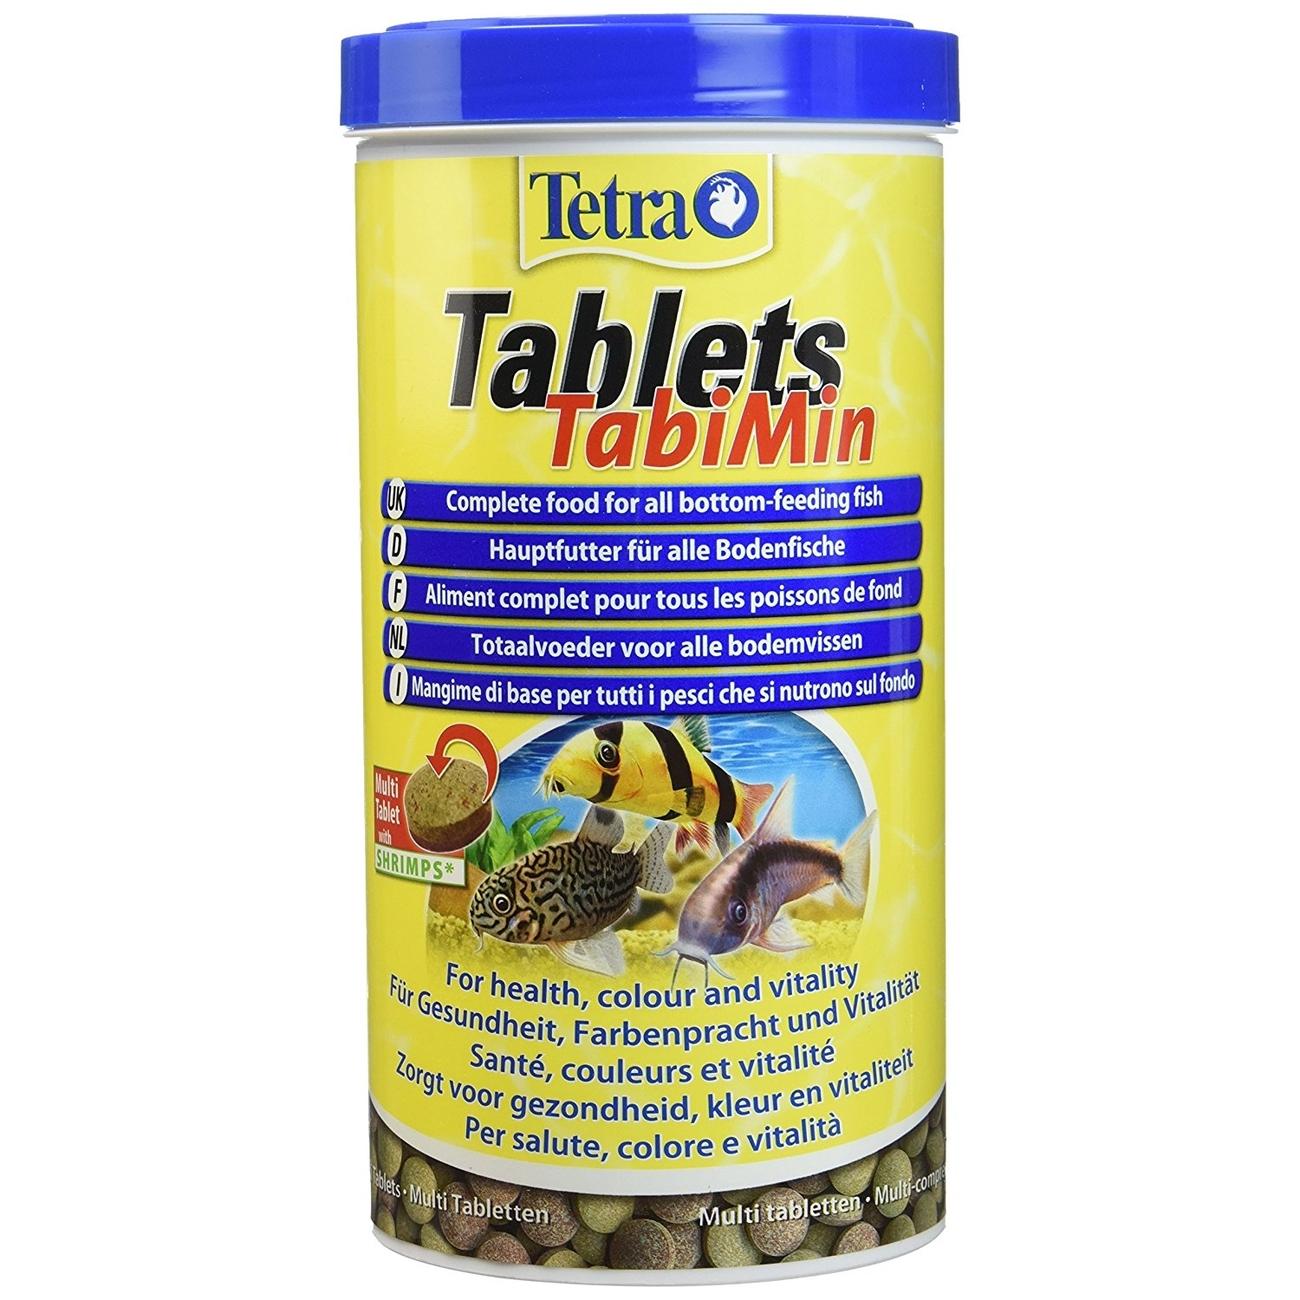 Tetra Tablets TabiMin Fischfuttertabletten, Bild 5